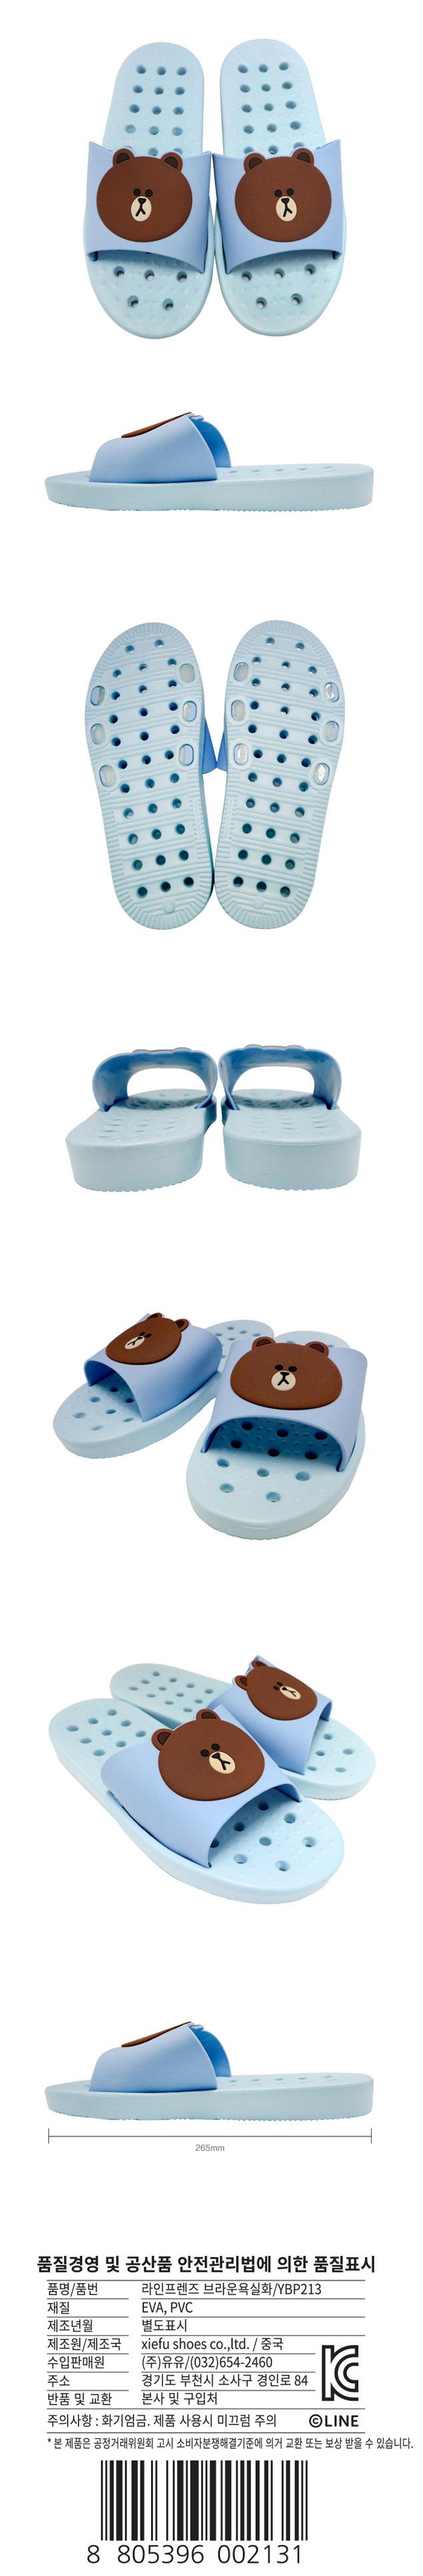 정품 라인프렌즈 욕실화 성인용 - 부비캣, 13,000원, 세안/목욕, 욕실화